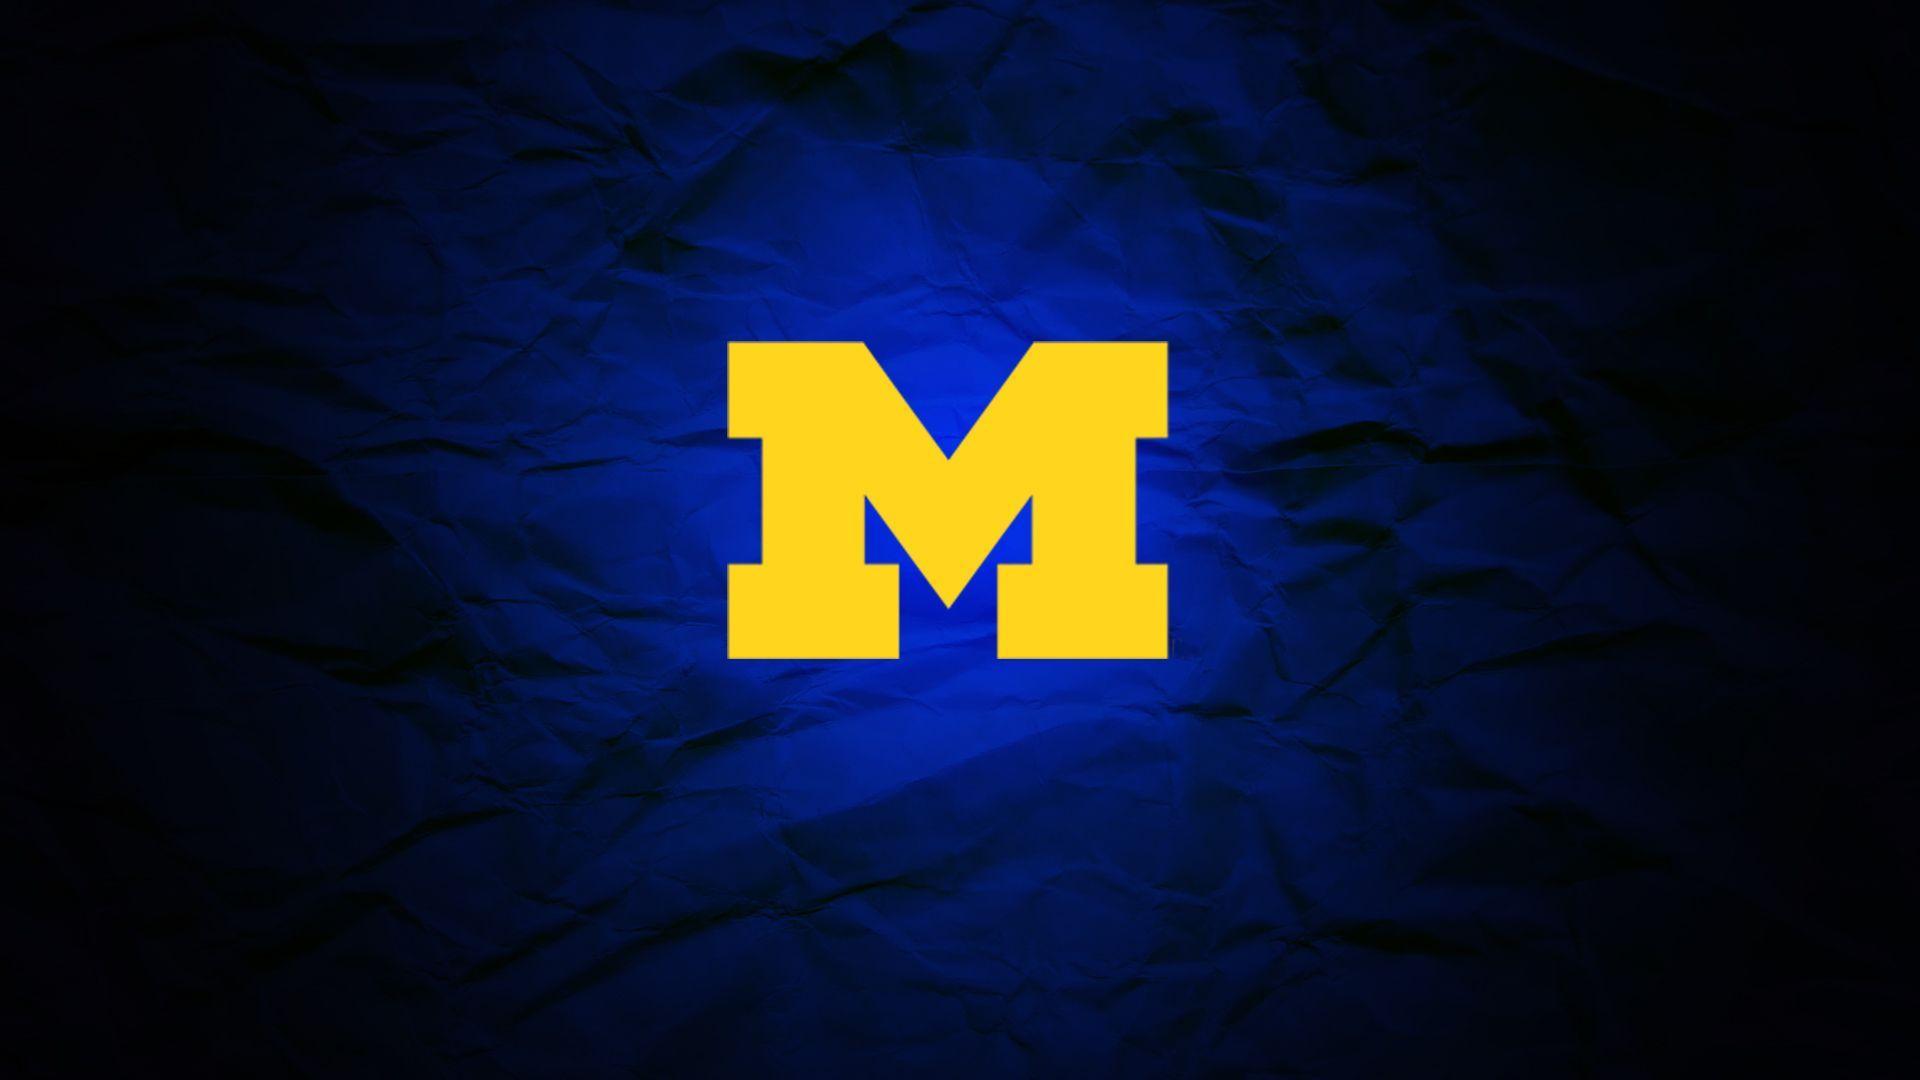 50 University Of Michigan Screensaver Wallpaper On: University Of Michigan Wallpapers